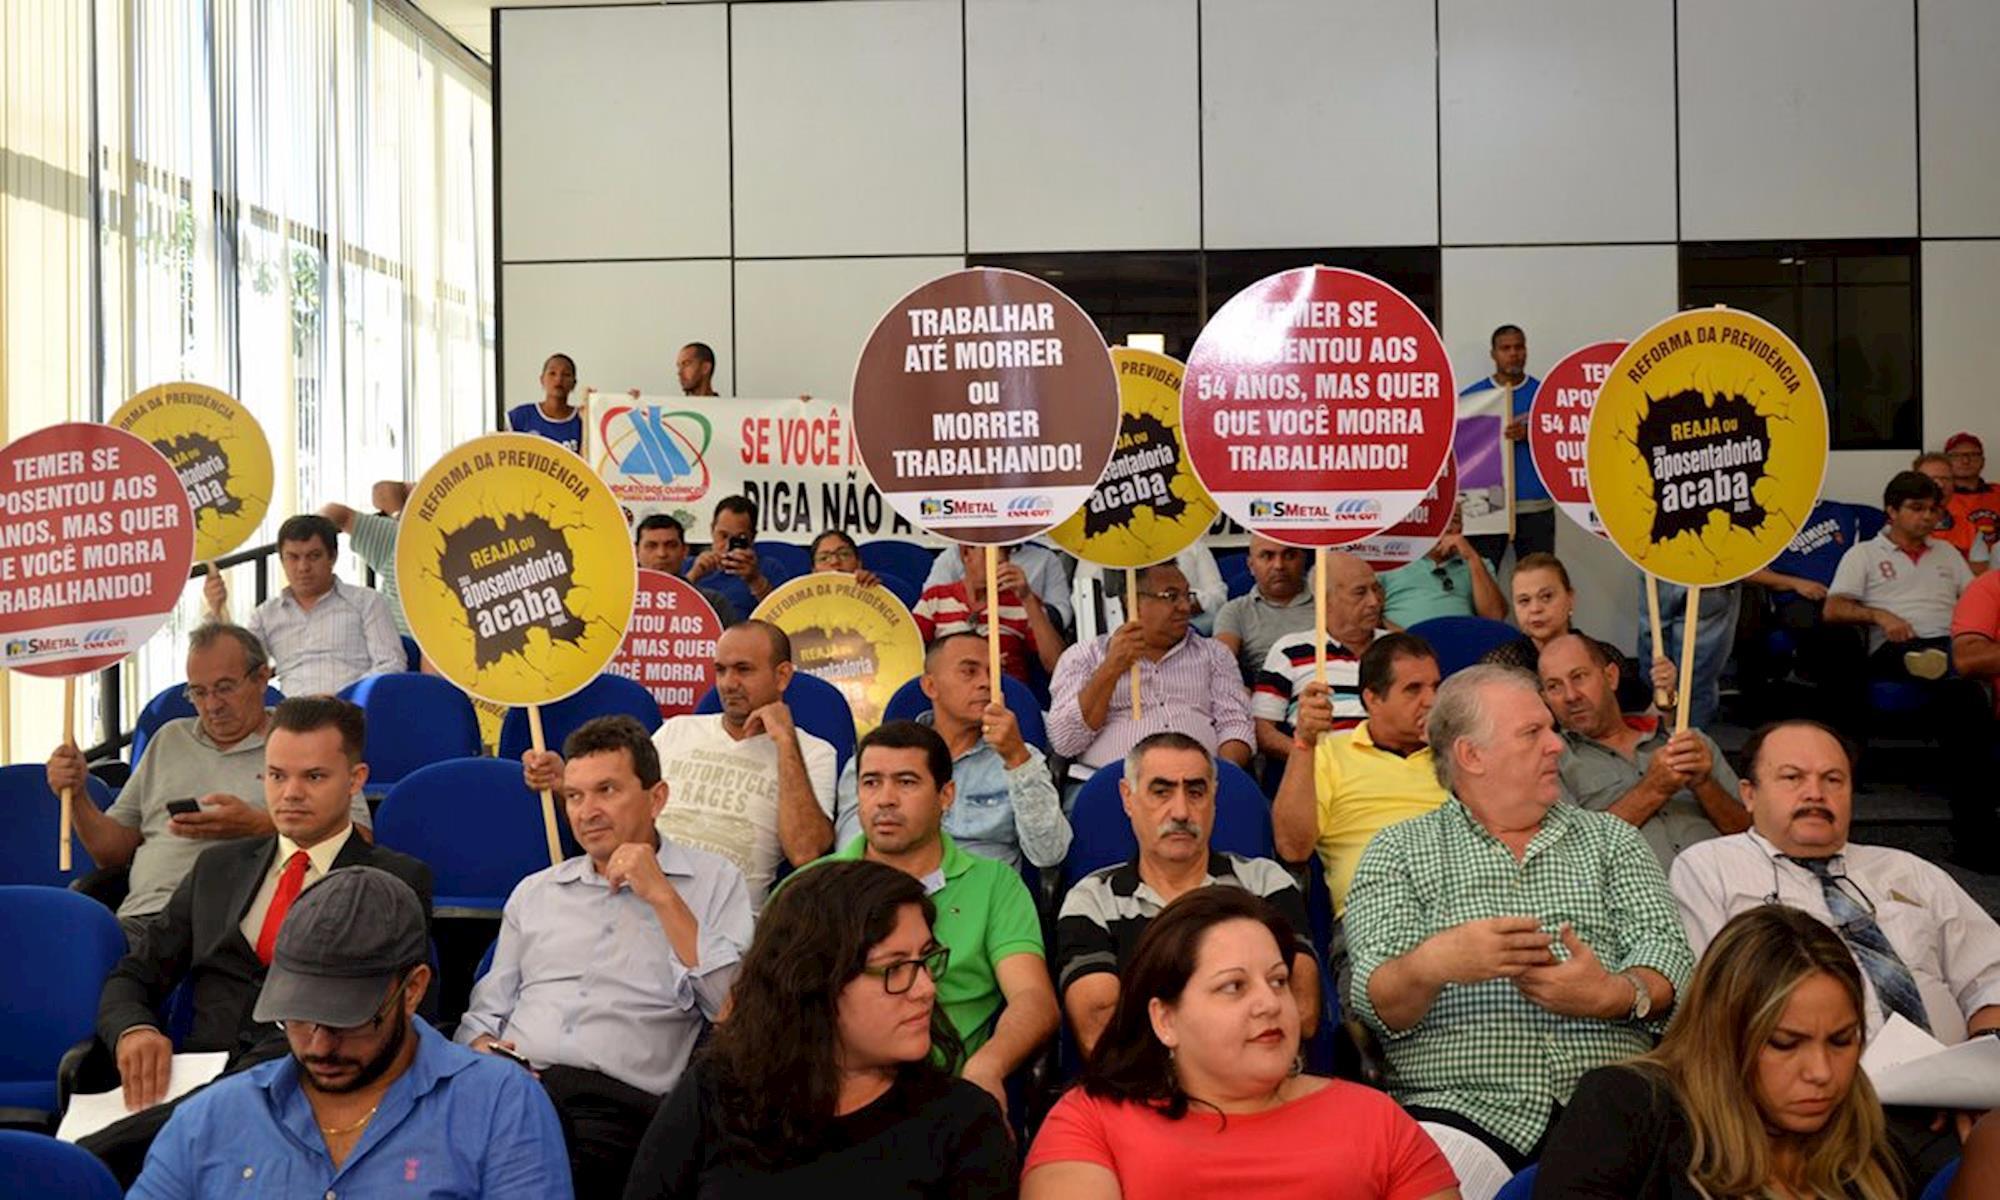 câmara, sindicalista, reforma, ato, repúdio, Vagner Santos/Imprensa SMetal